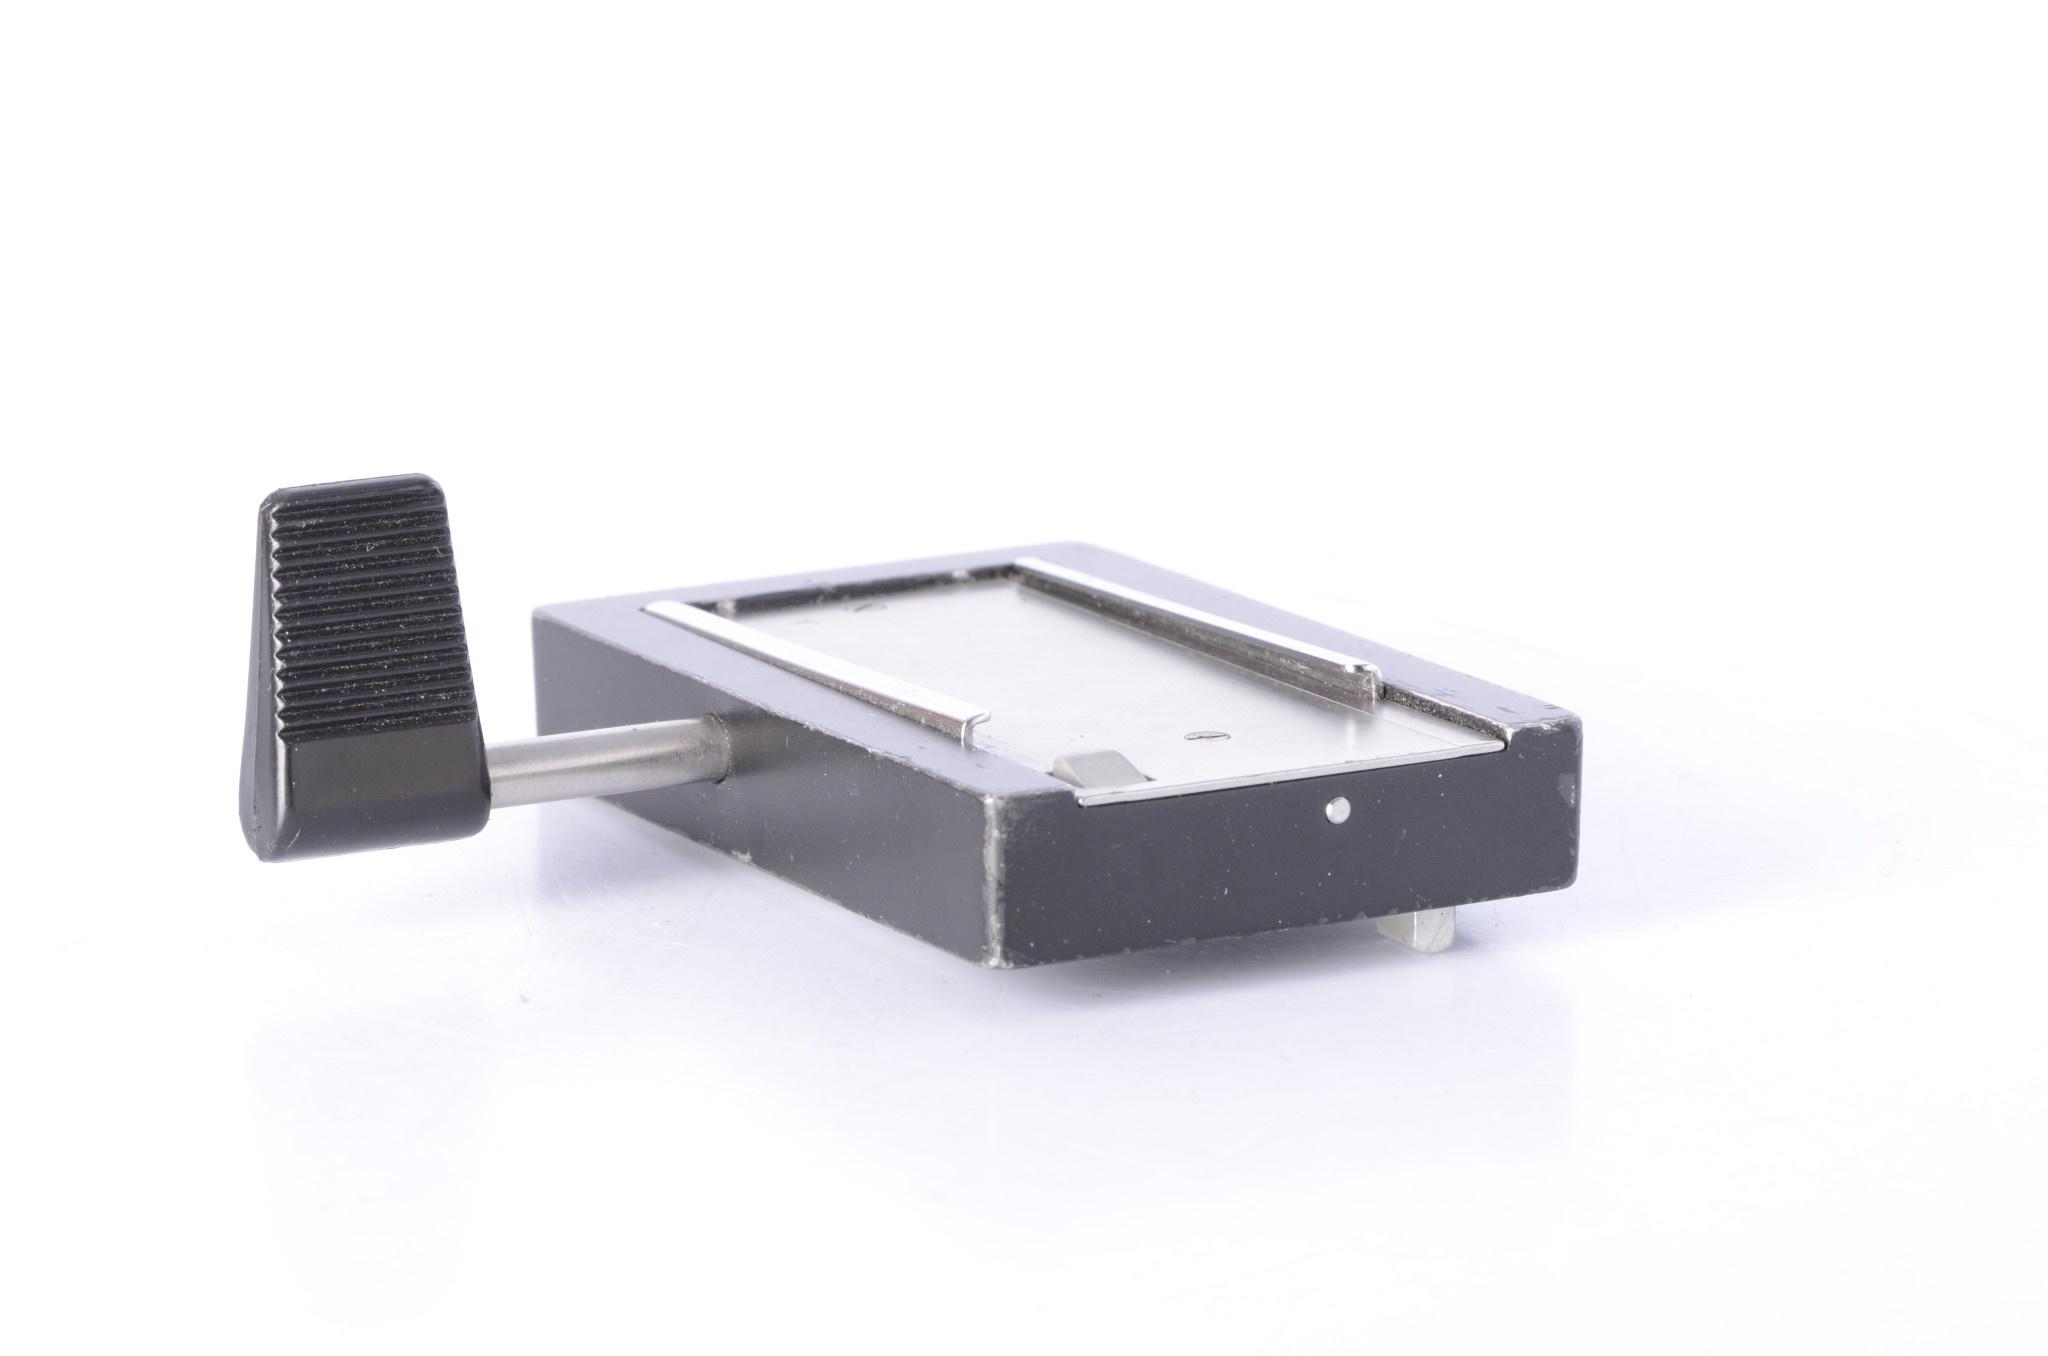 Hasselblad Hasselblad Tripod Adapter 45128 | Used